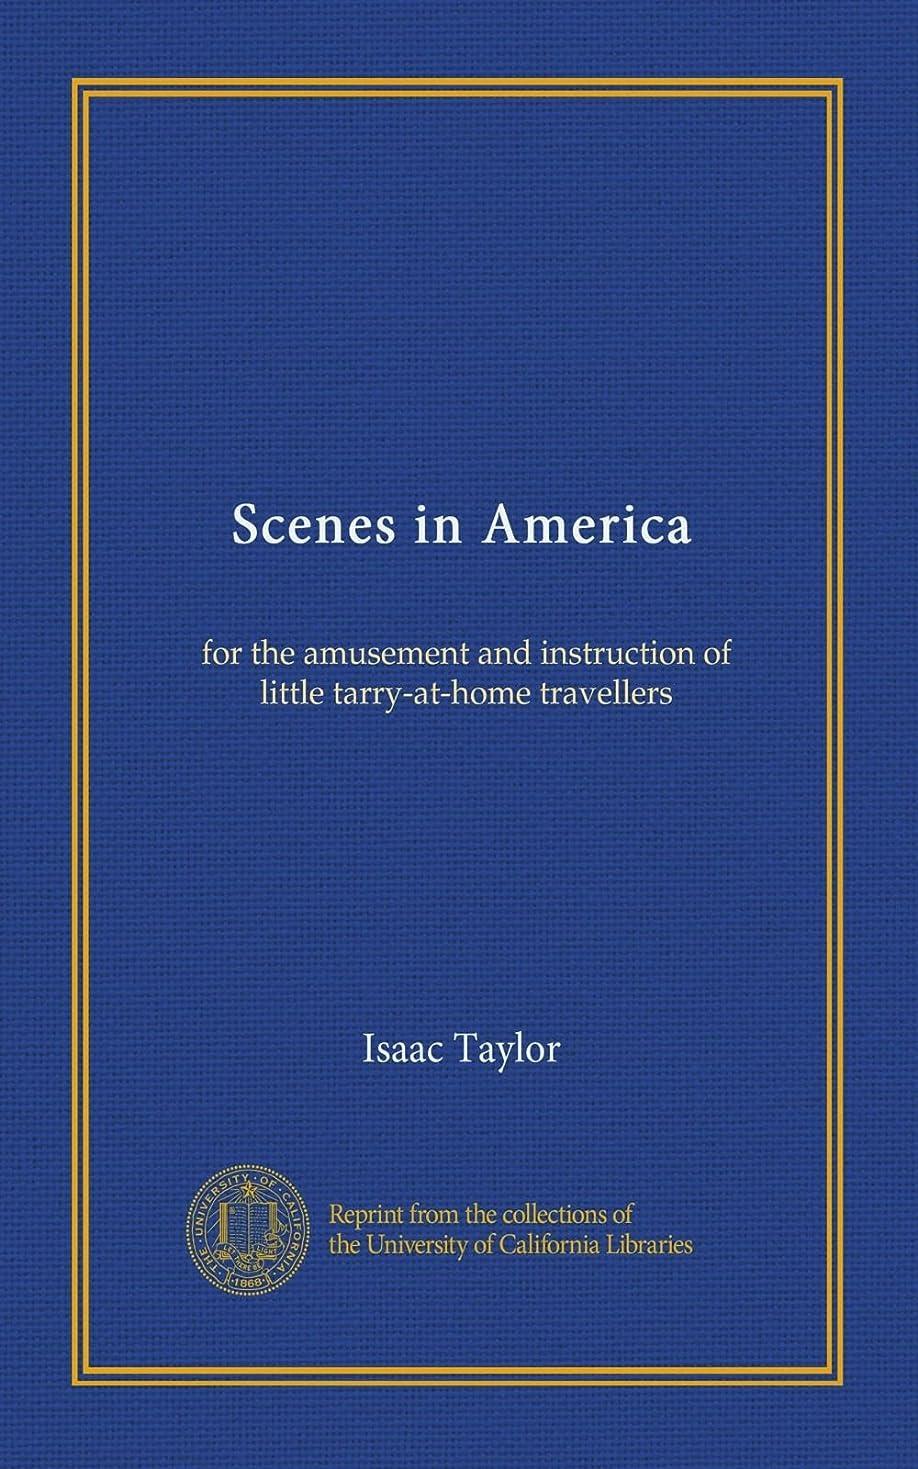 流産馬鹿支払うScenes in America: for the amusement and instruction of little tarry-at-home travellers